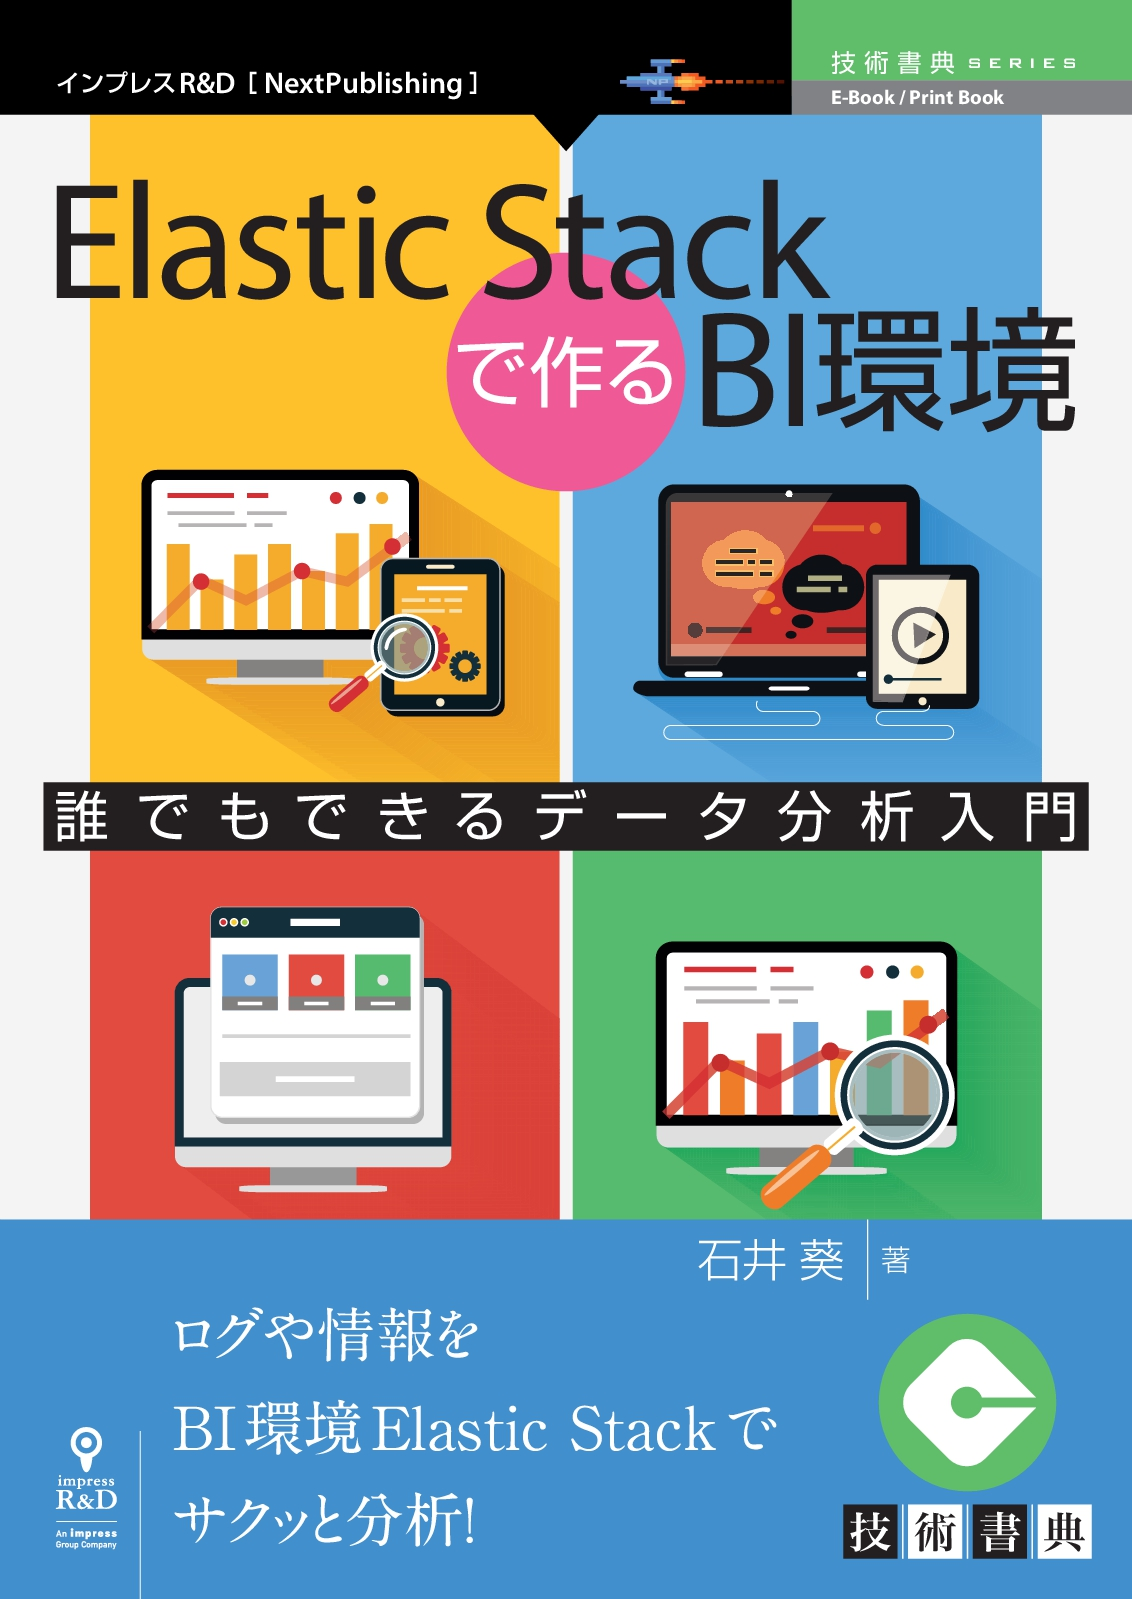 Elastic Stackで作るBI環境 誰でもできるデータ分析入門